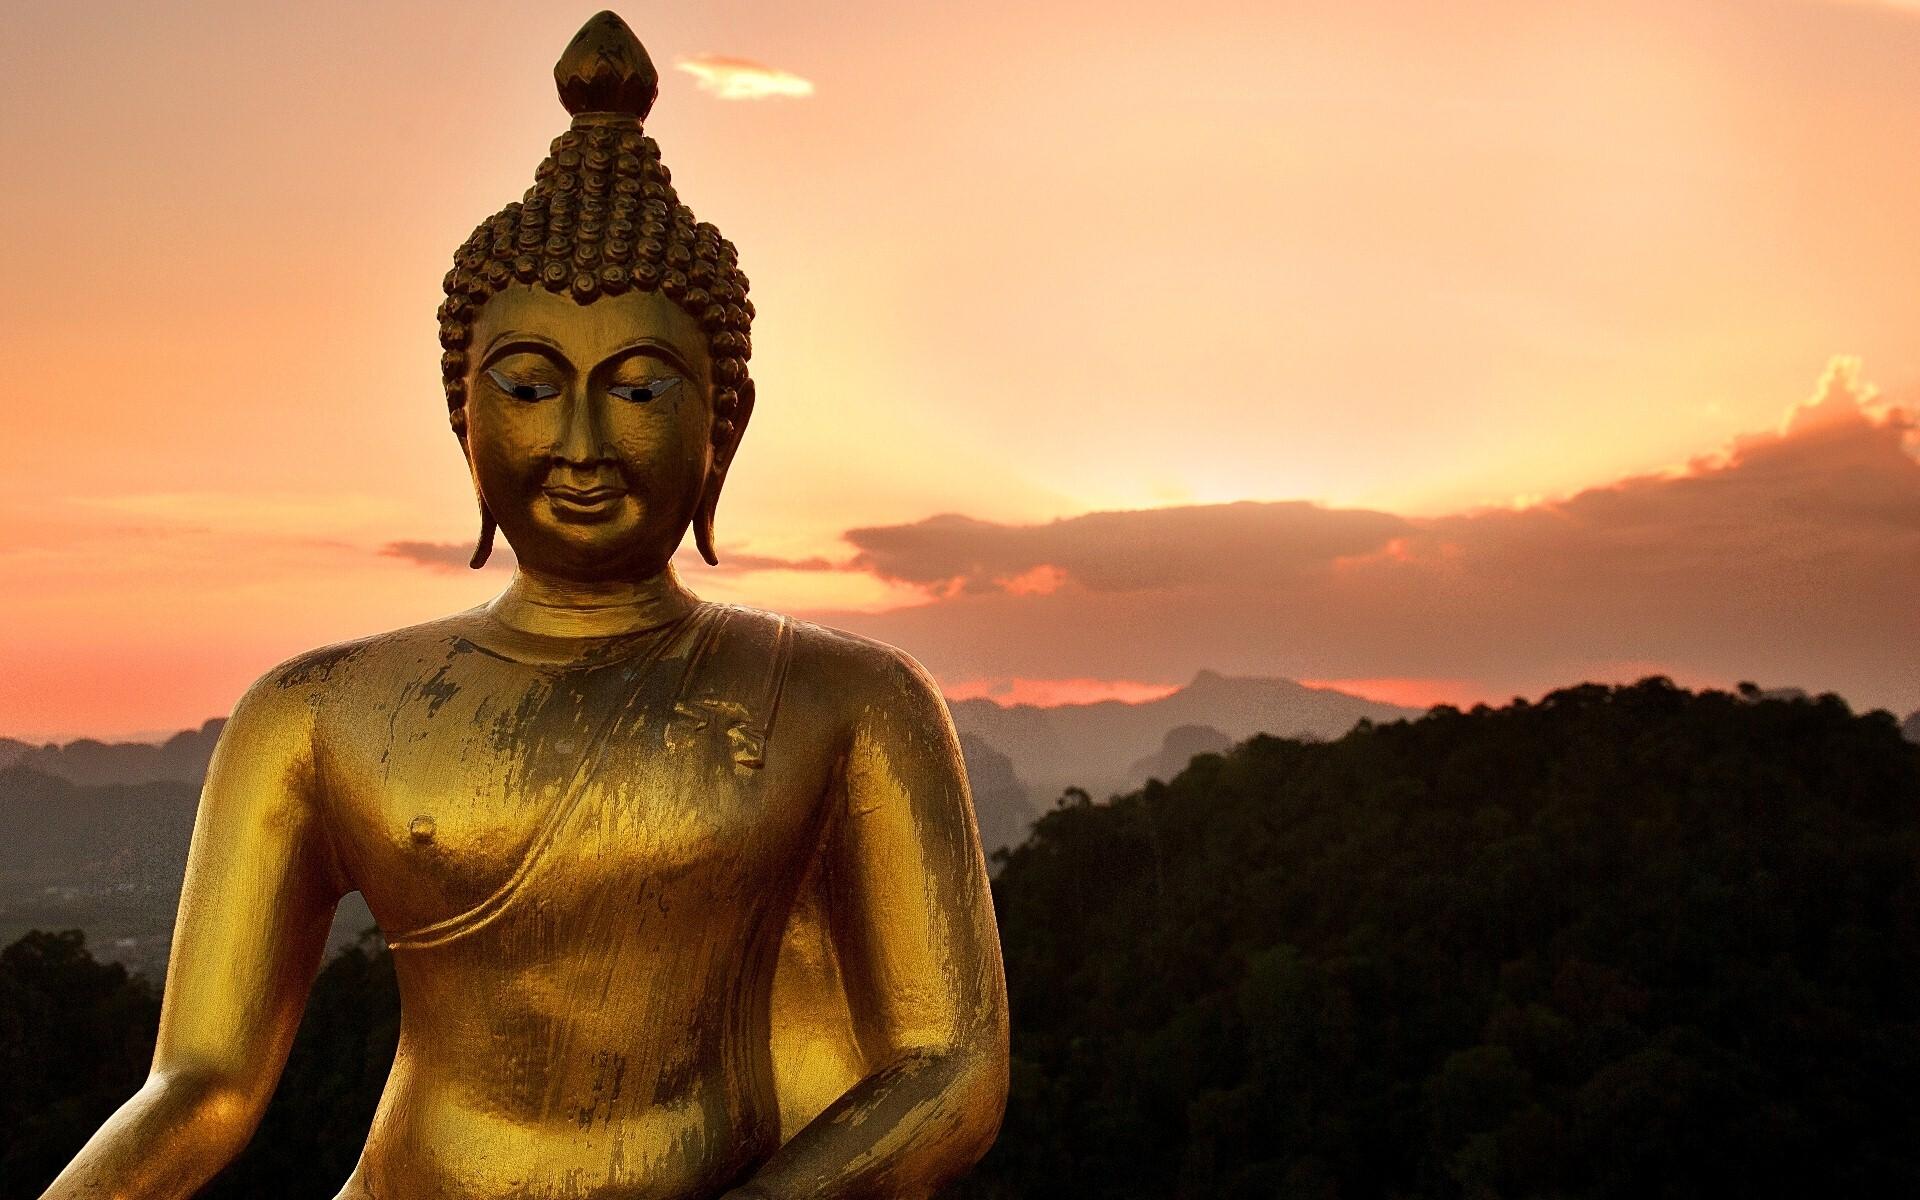 God Buddha Golden Statue Wallpaper | HD Wallpapers